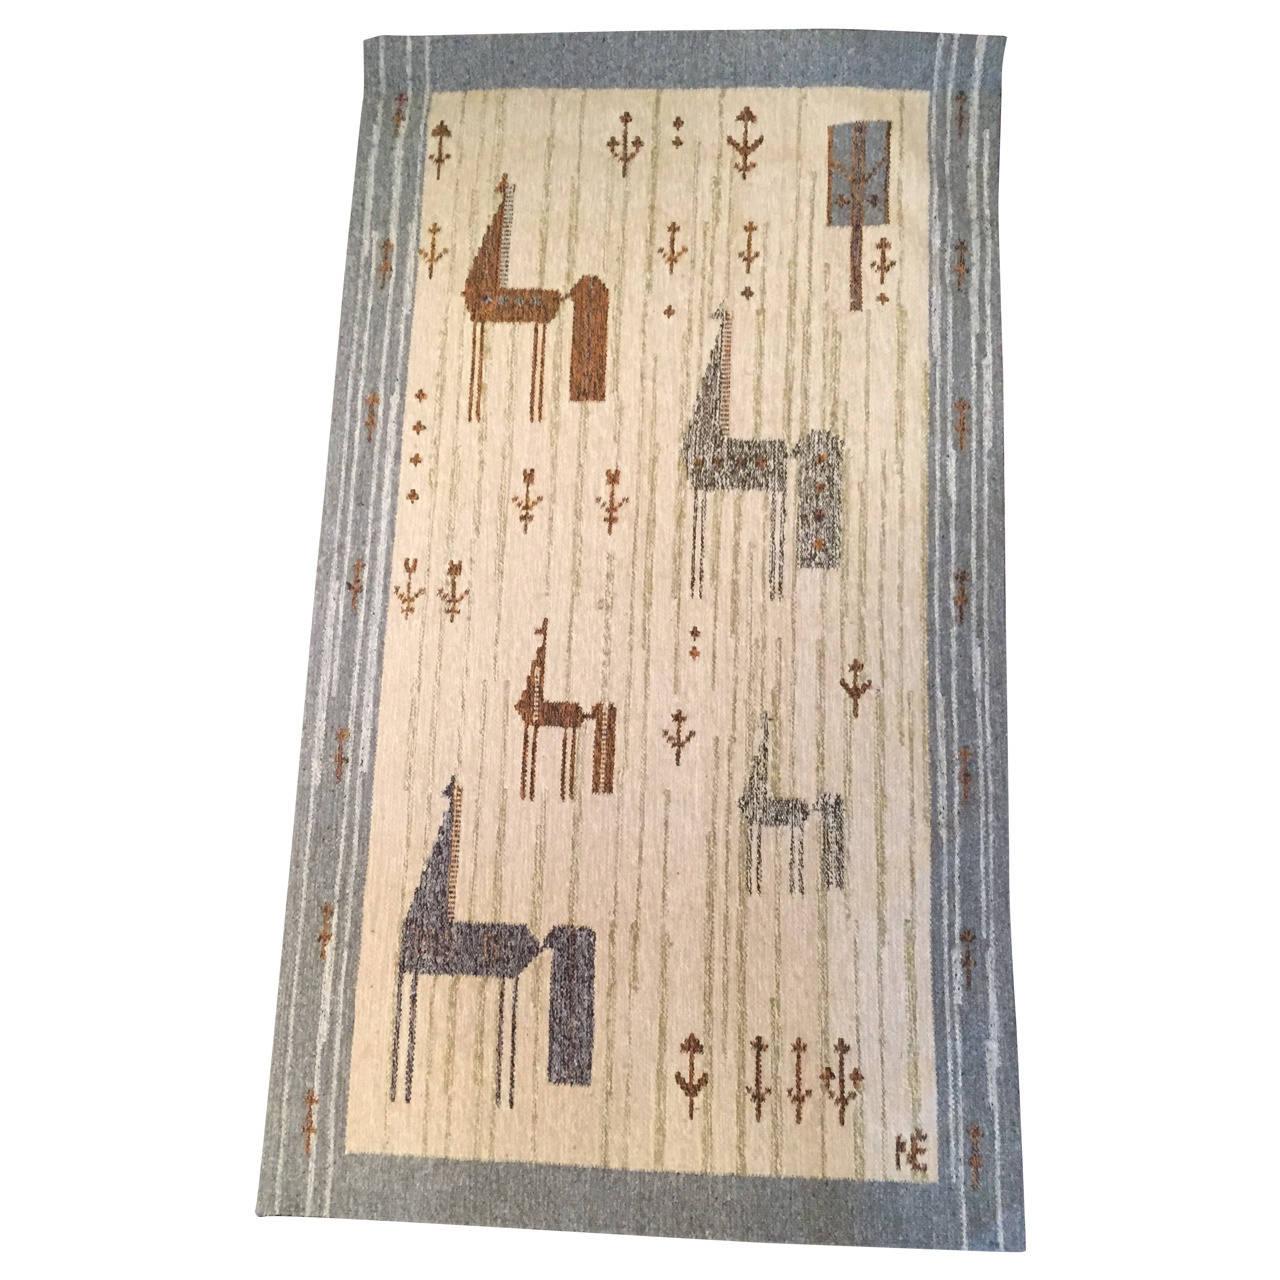 Scandinavian Flat-Weave Rug or Tapestry